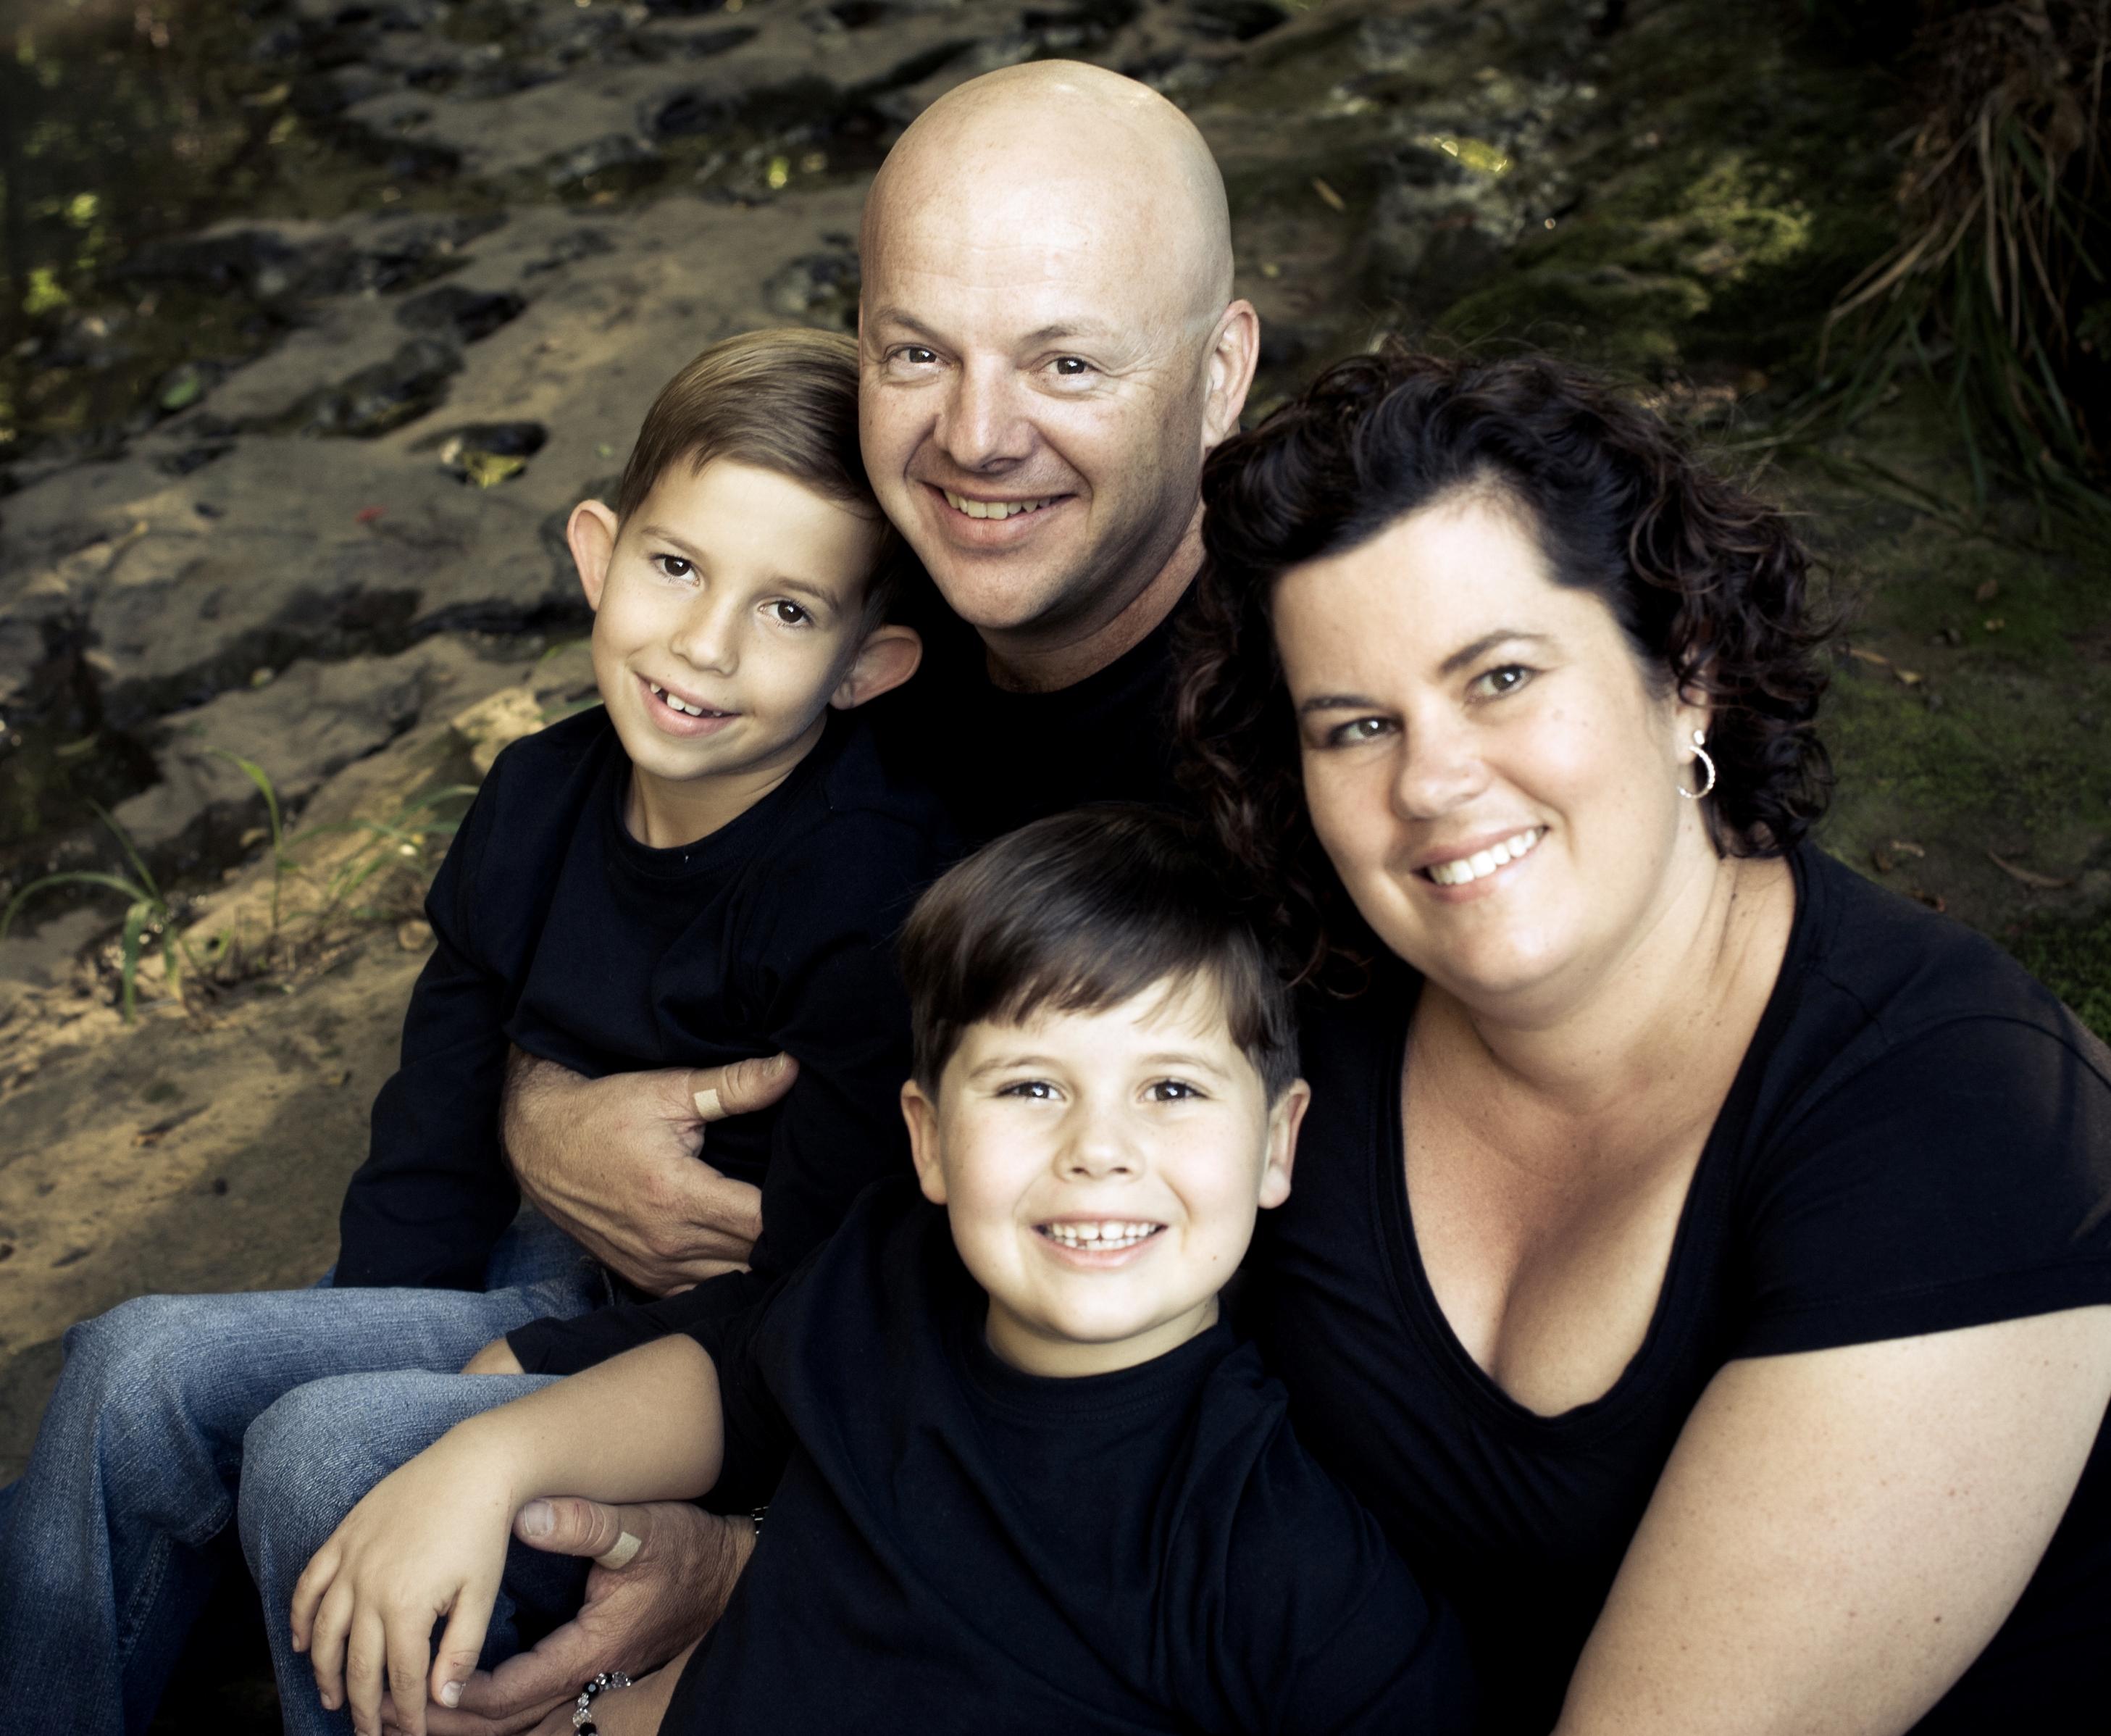 Jonns family